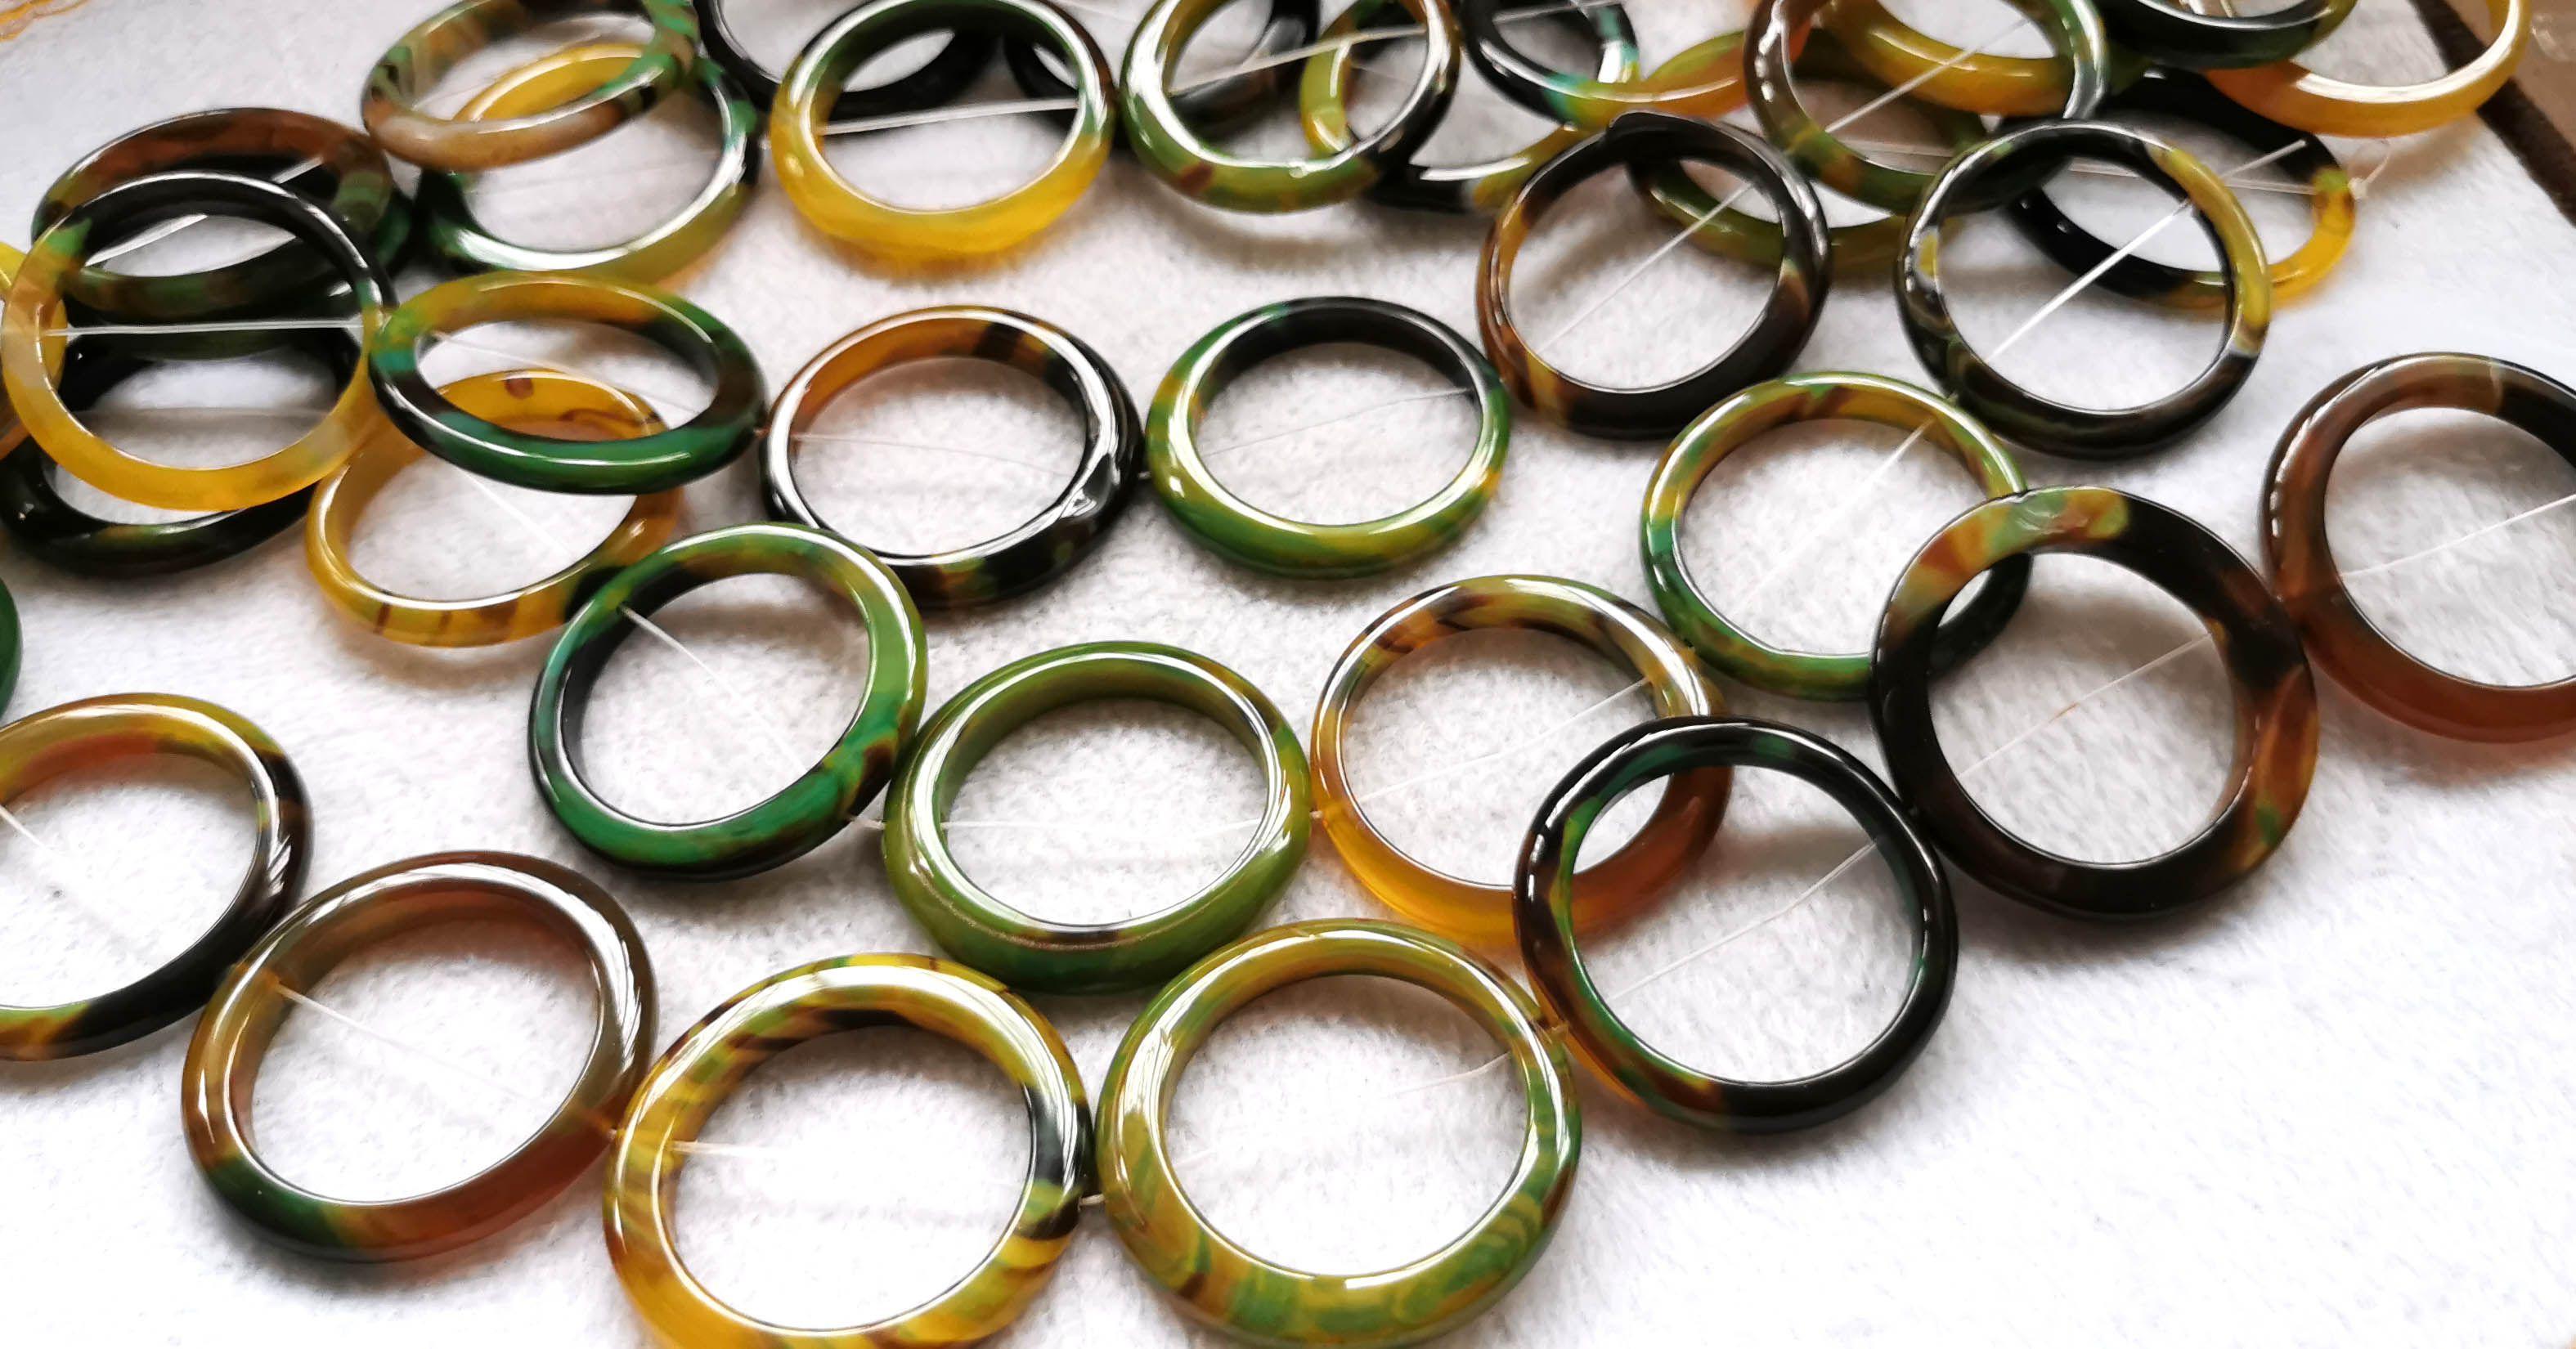 ágata Natural 30-48mm preto rosquinha, círculo verde amarelo azul-jet ônix rodada, pedras semi-preciosas, pérolas de bricolage, pedra preciosa oferta pendant 16 polegadas